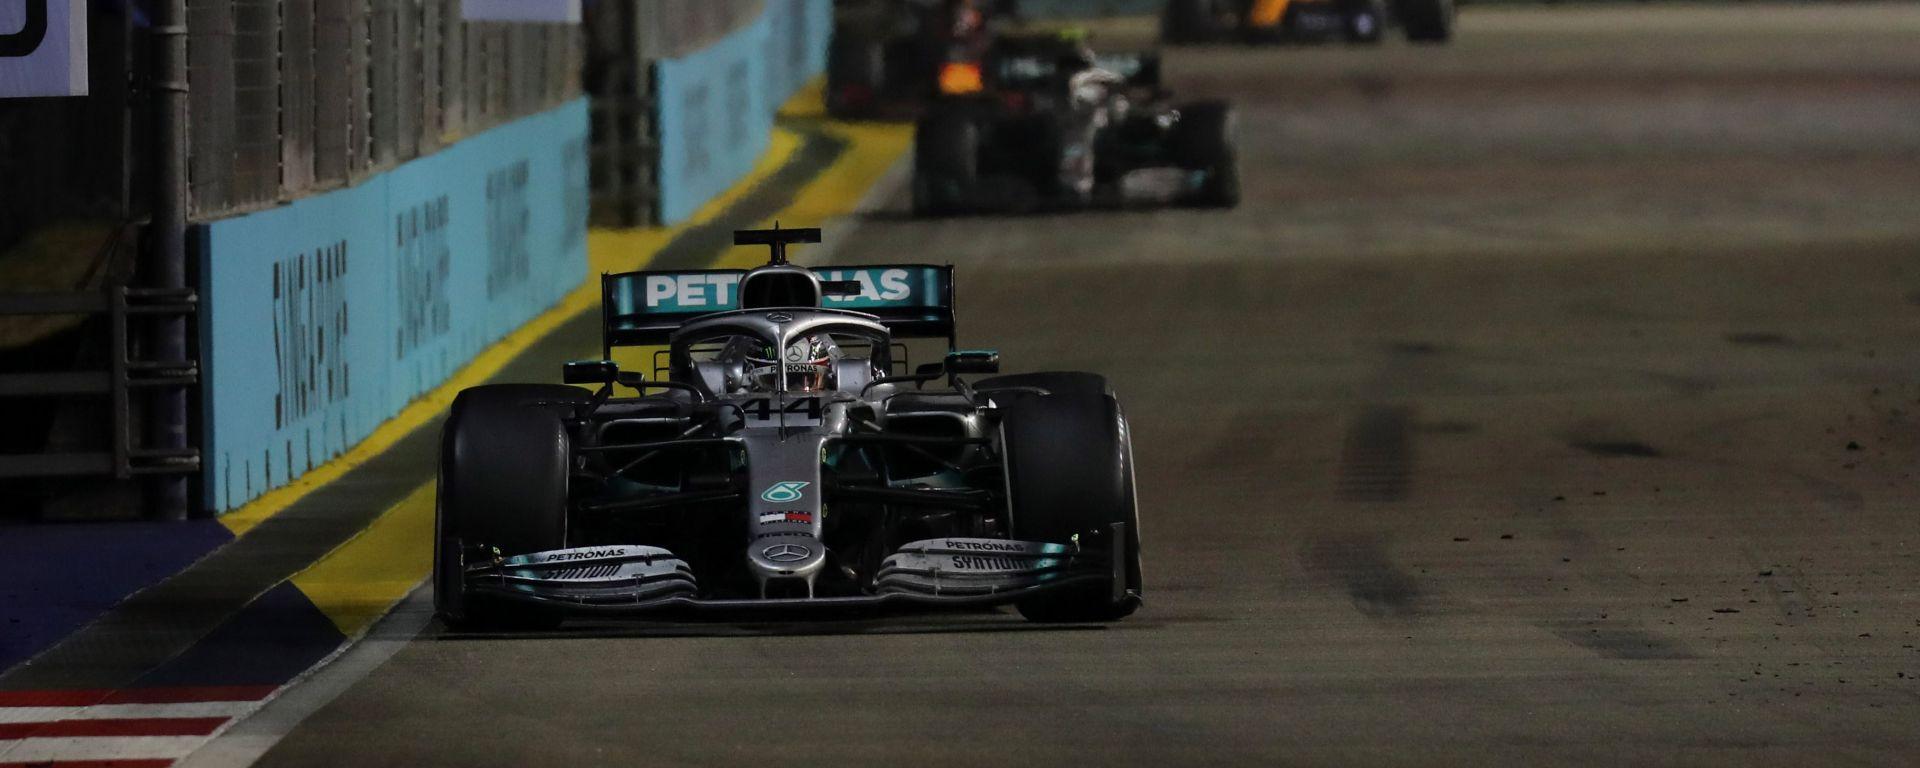 F1 GP Singapore 2019, Lewis Hamilton (Mercedes) alla guida della sua W10